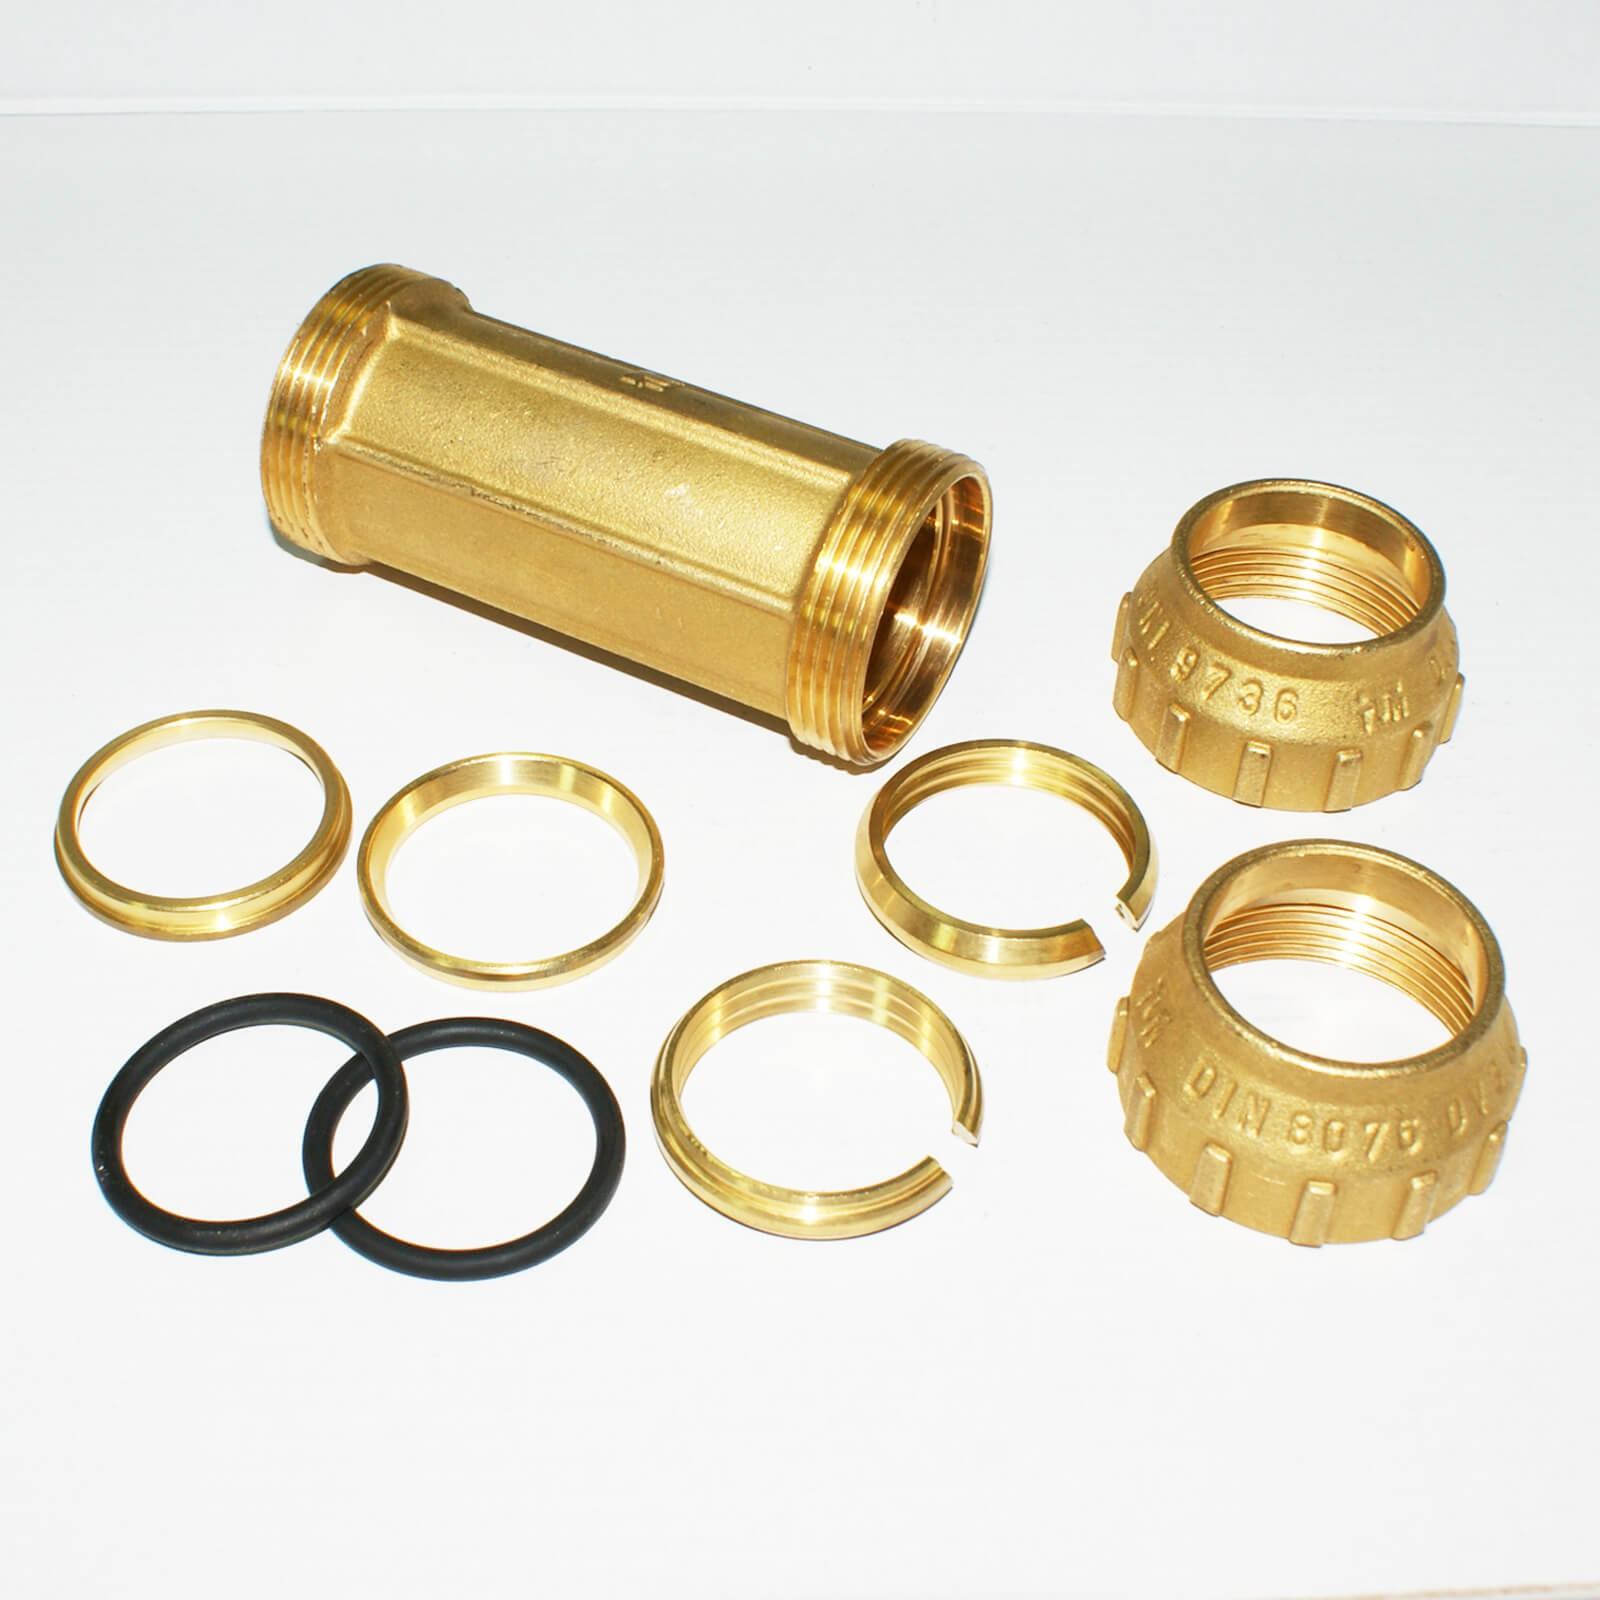 Bevorzugt PE Rohr Verschraubung Messing Reparaturmuffe Ø 32 mm KO58